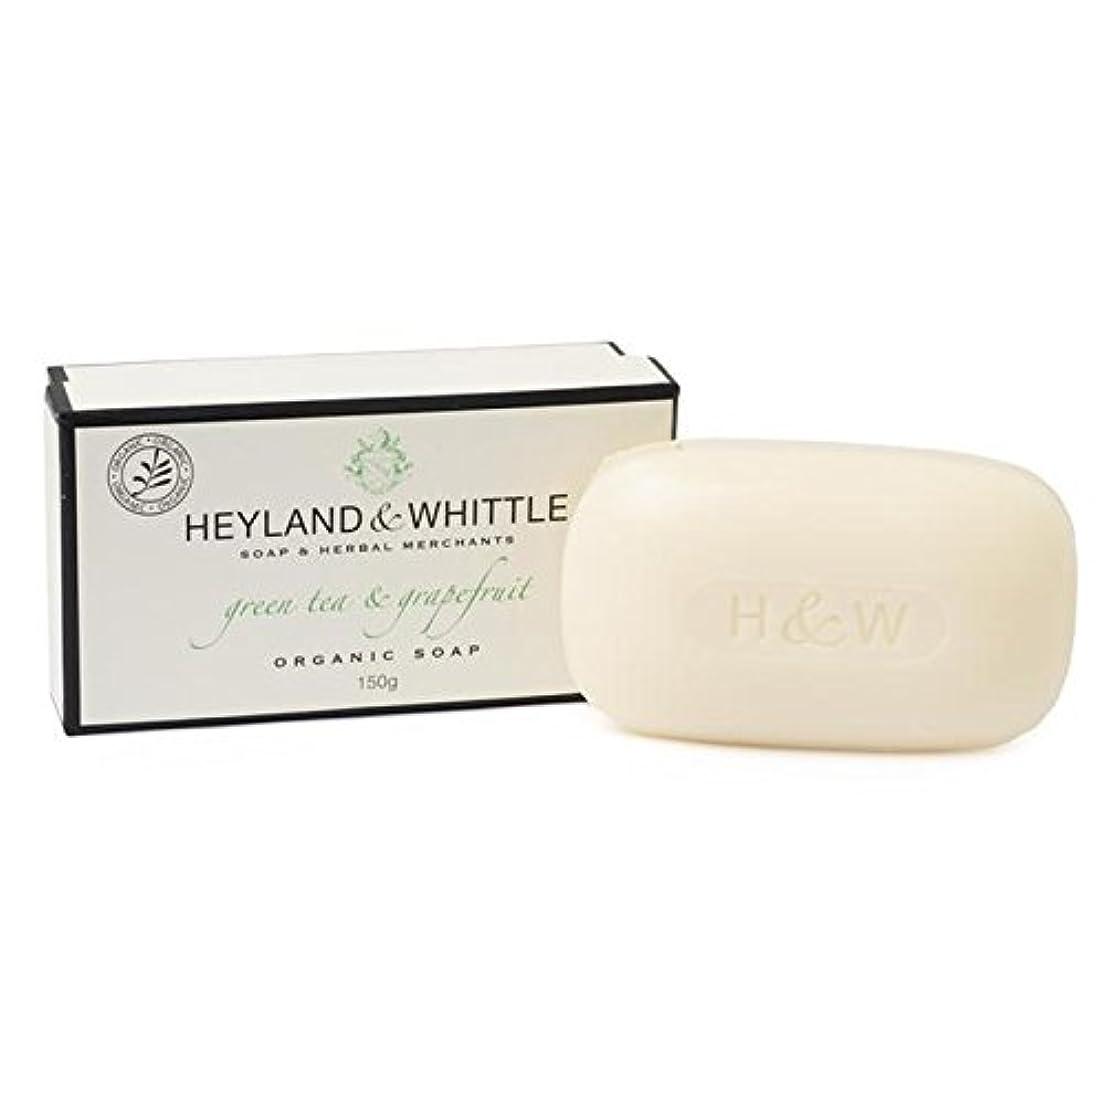 ピンポイント視聴者タンザニア&削る緑茶&グレープフルーツはオーガニックソープ150グラム箱入り x2 - Heyland & Whittle Green Tea & Grapefruit Boxed Organic Soap 150g (Pack...